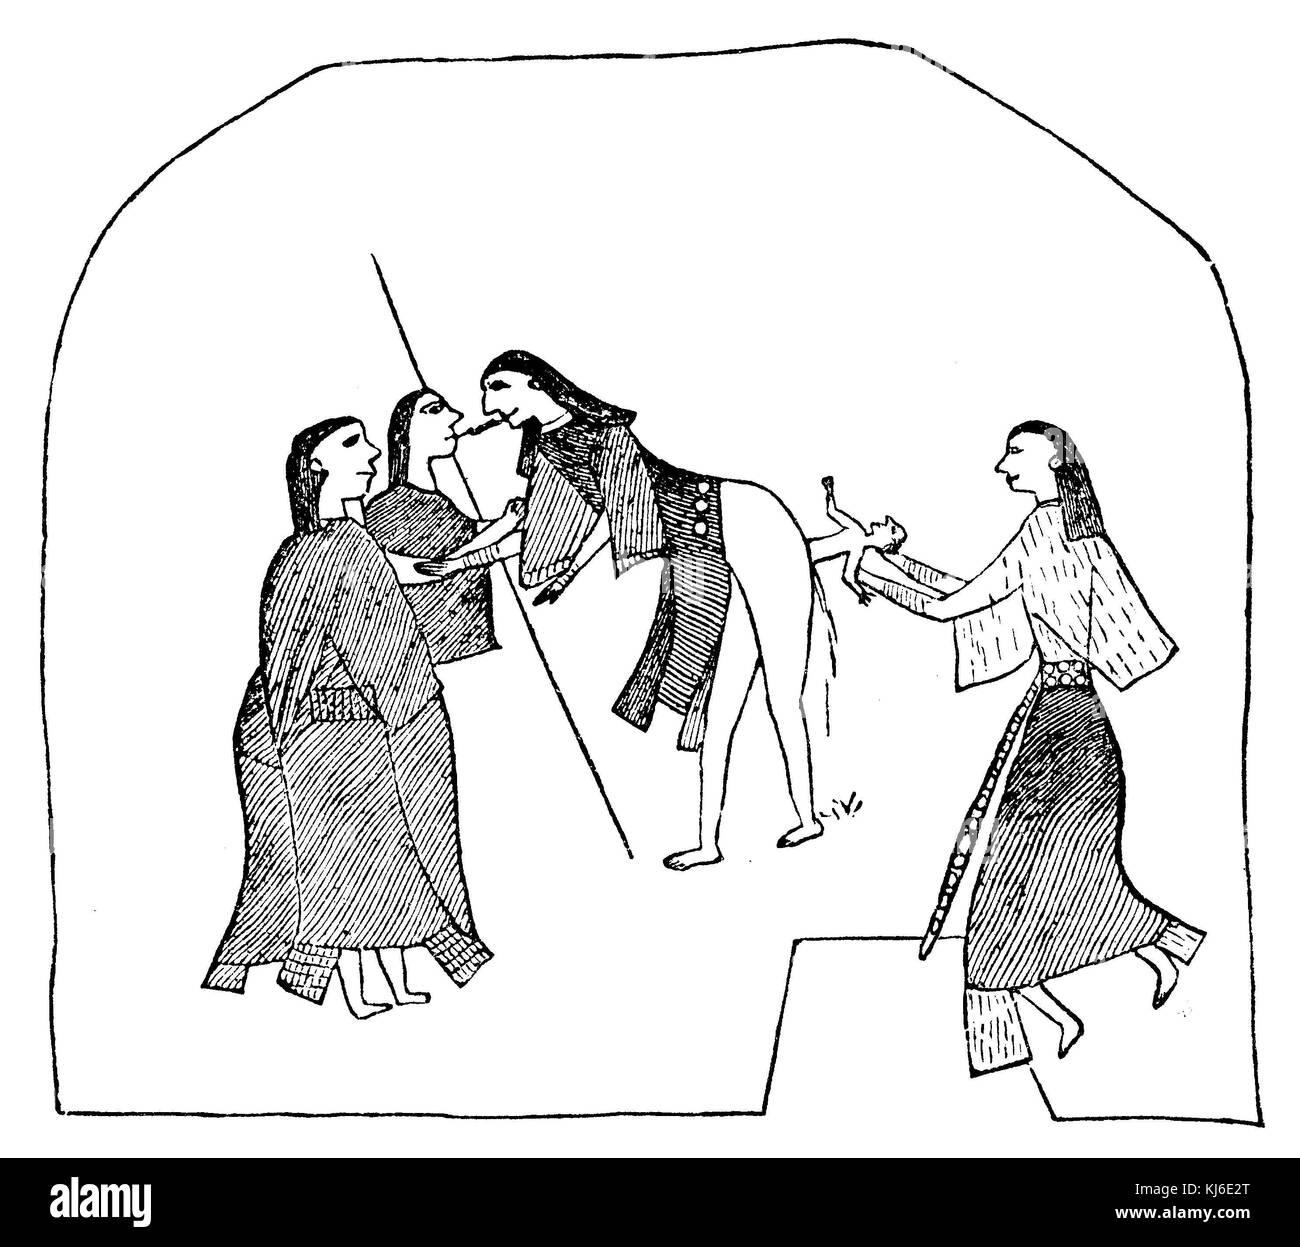 Kiowa indian alla nascita, curvò in piedi sorretto da un bastone. la levatrice brucia la sua emetico in bocca. Immagini Stock